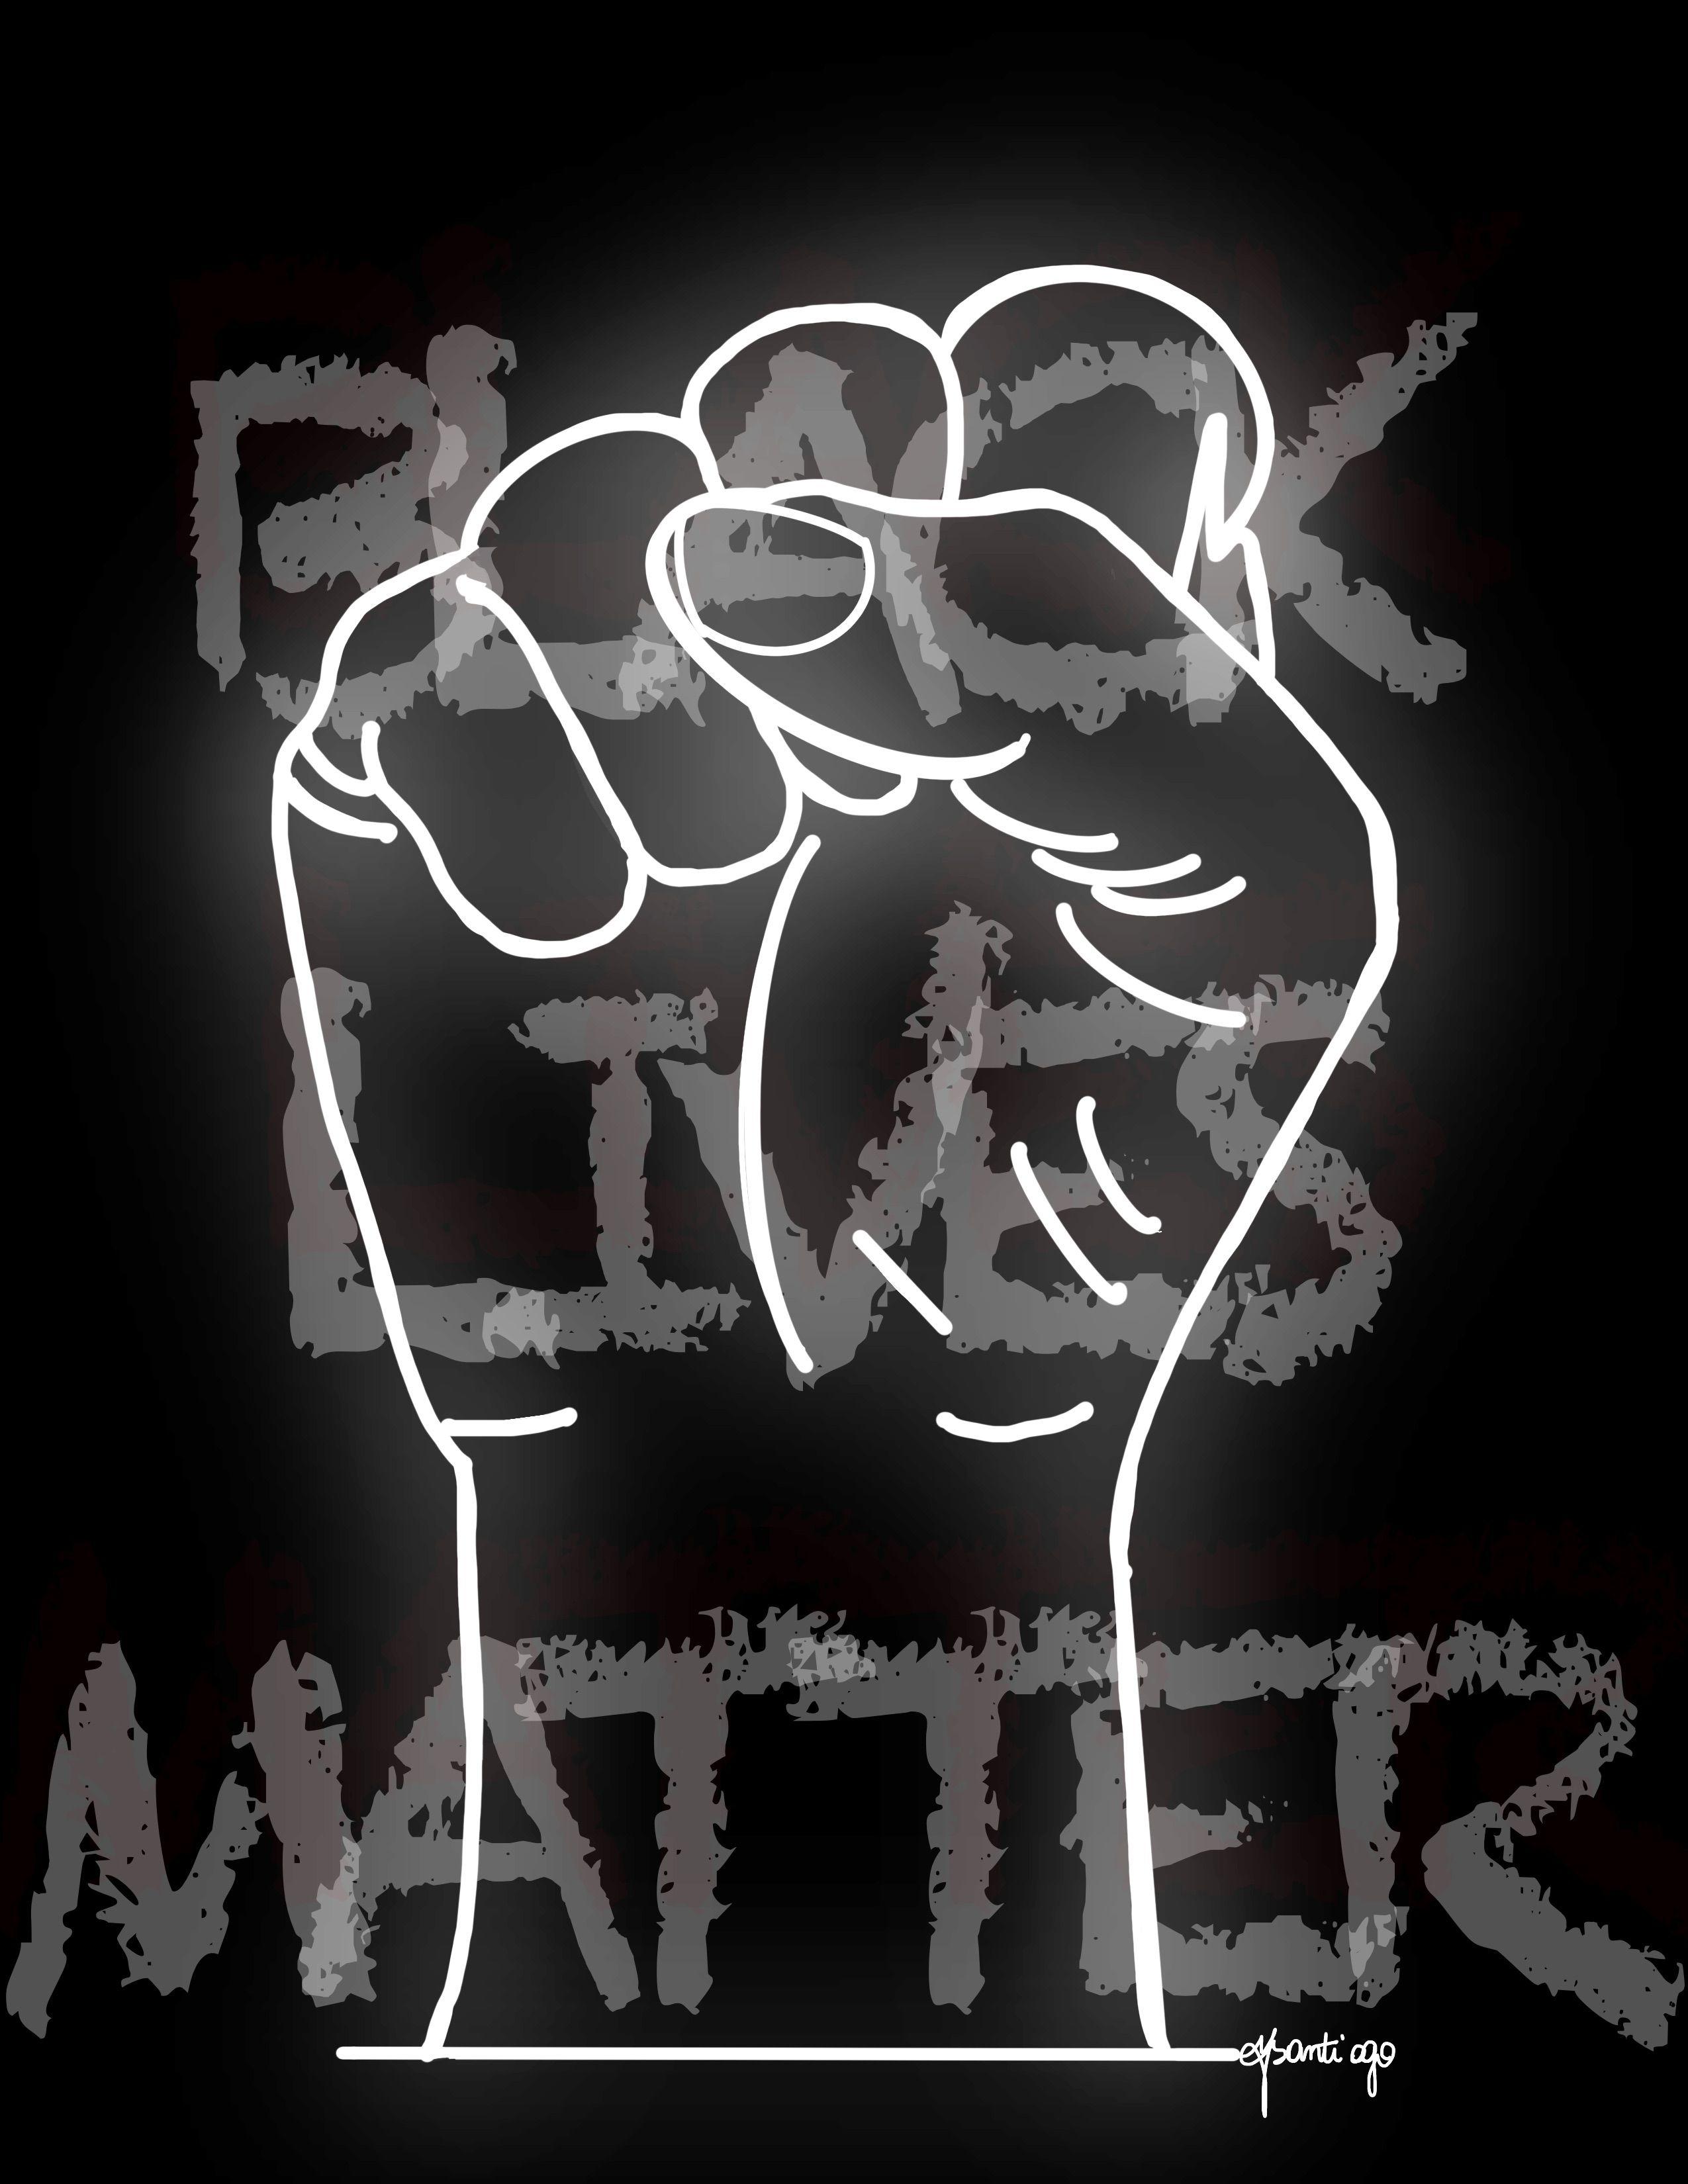 Black Lives Matter Outline Designs Picture Collage Wall Black Lives Matter Protest